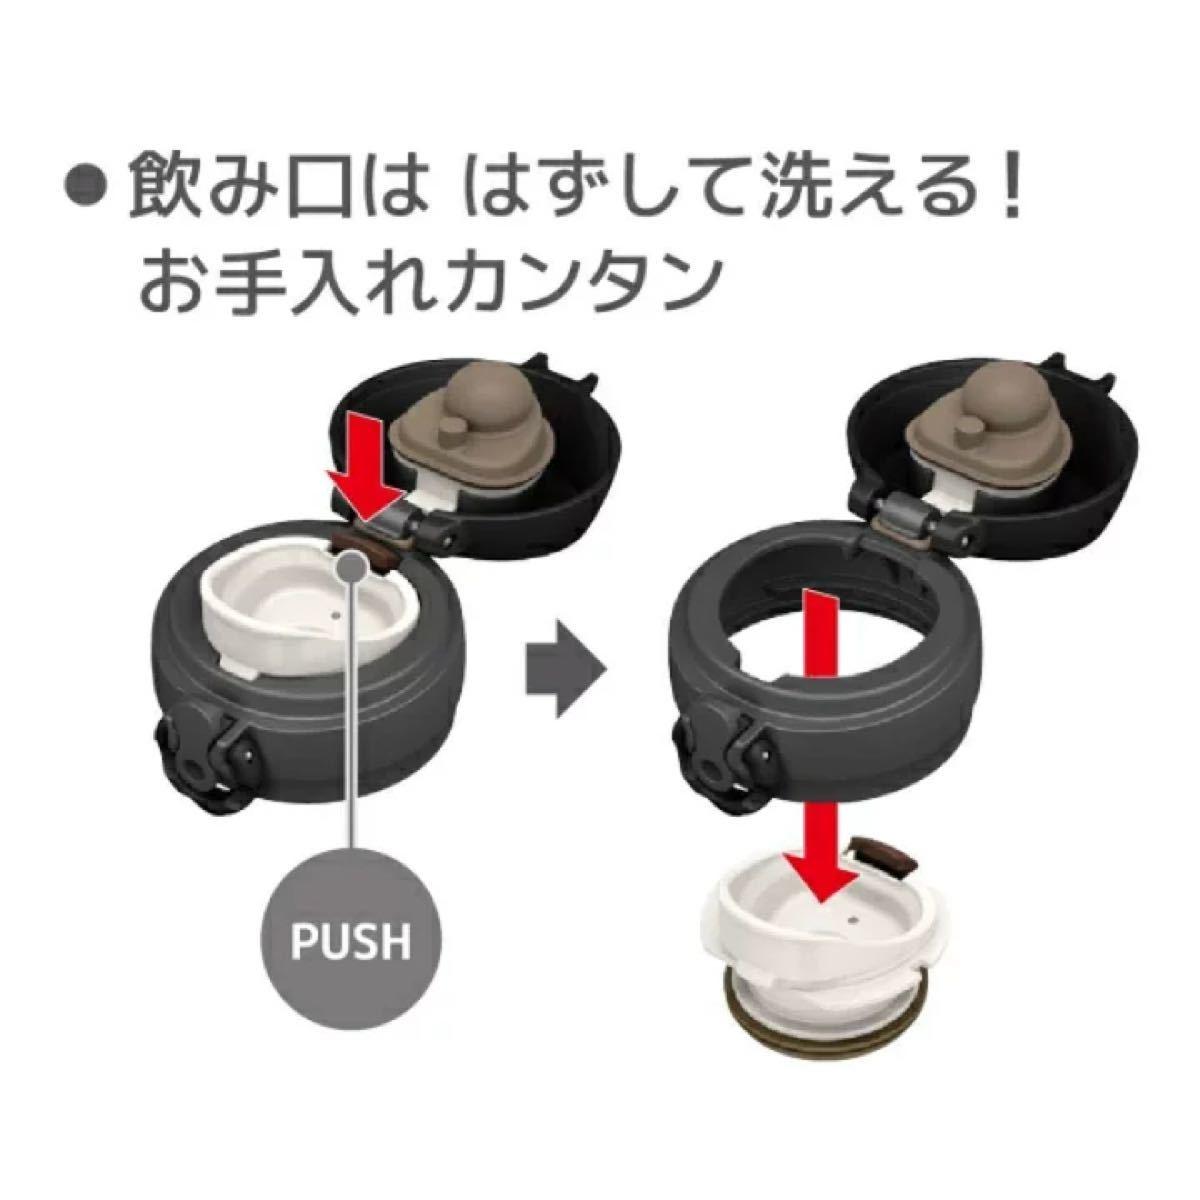 サーモス 水筒 真空断熱ケータイマグ ワンタッチオープンタイプ パールブラック